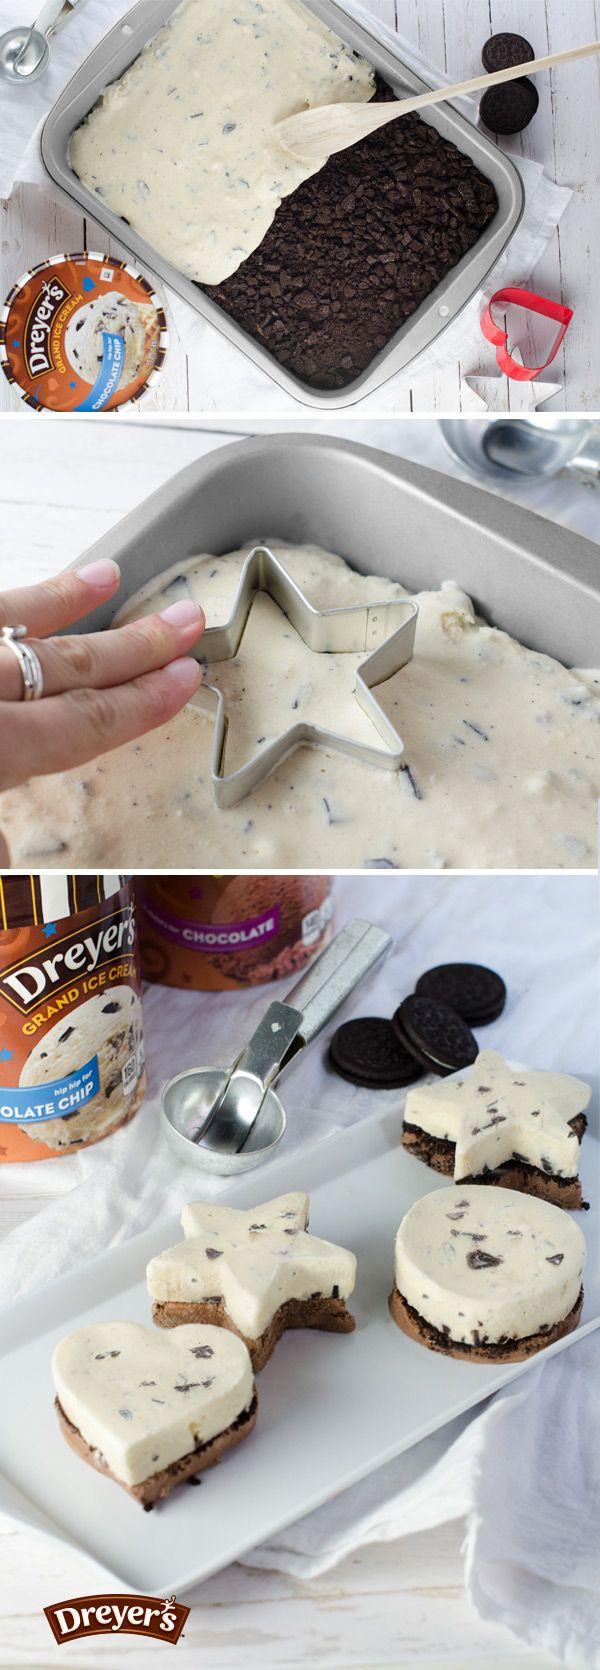 Dreyer's Mini Ice Cream Cakes